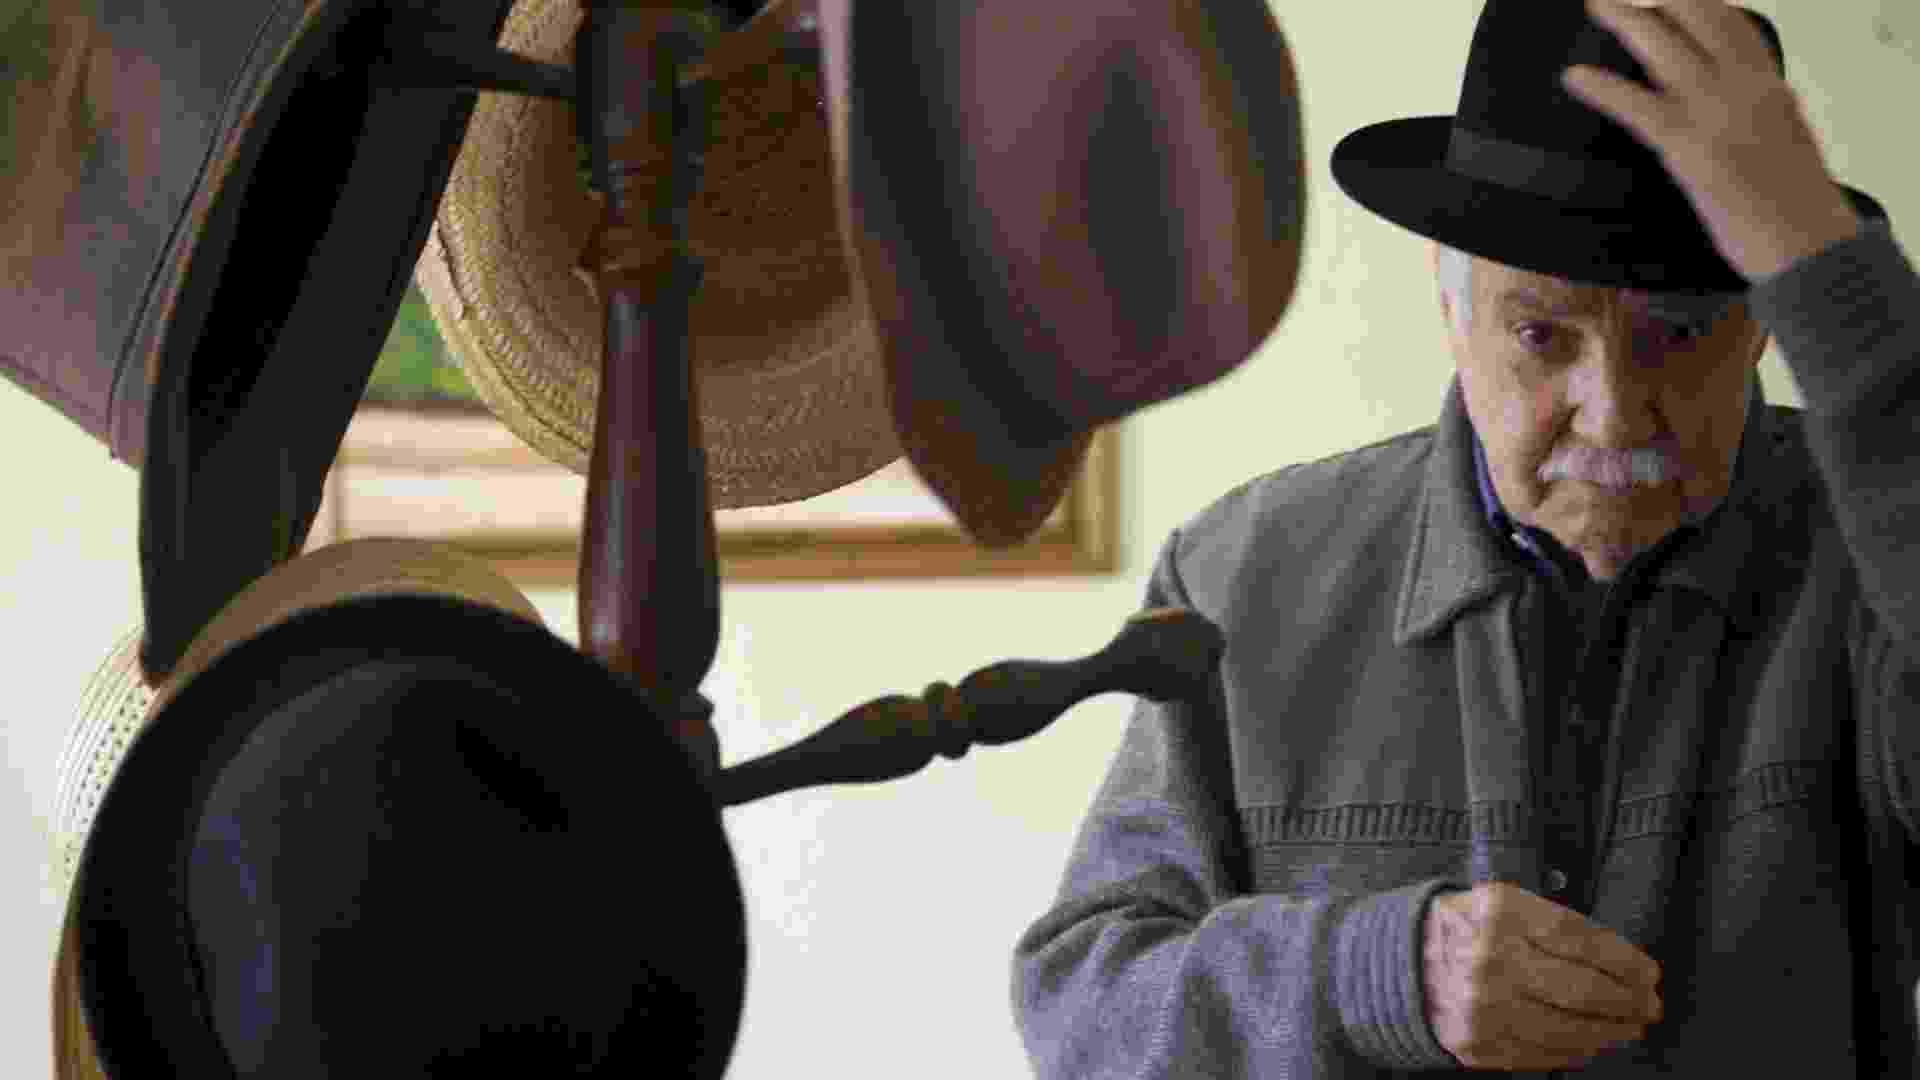 29.out.2010 - Paulo Vanzolini experimenta seus chapéus em sua casa, em São Paulo (SP) - Silvia Zamboni/Folhapress